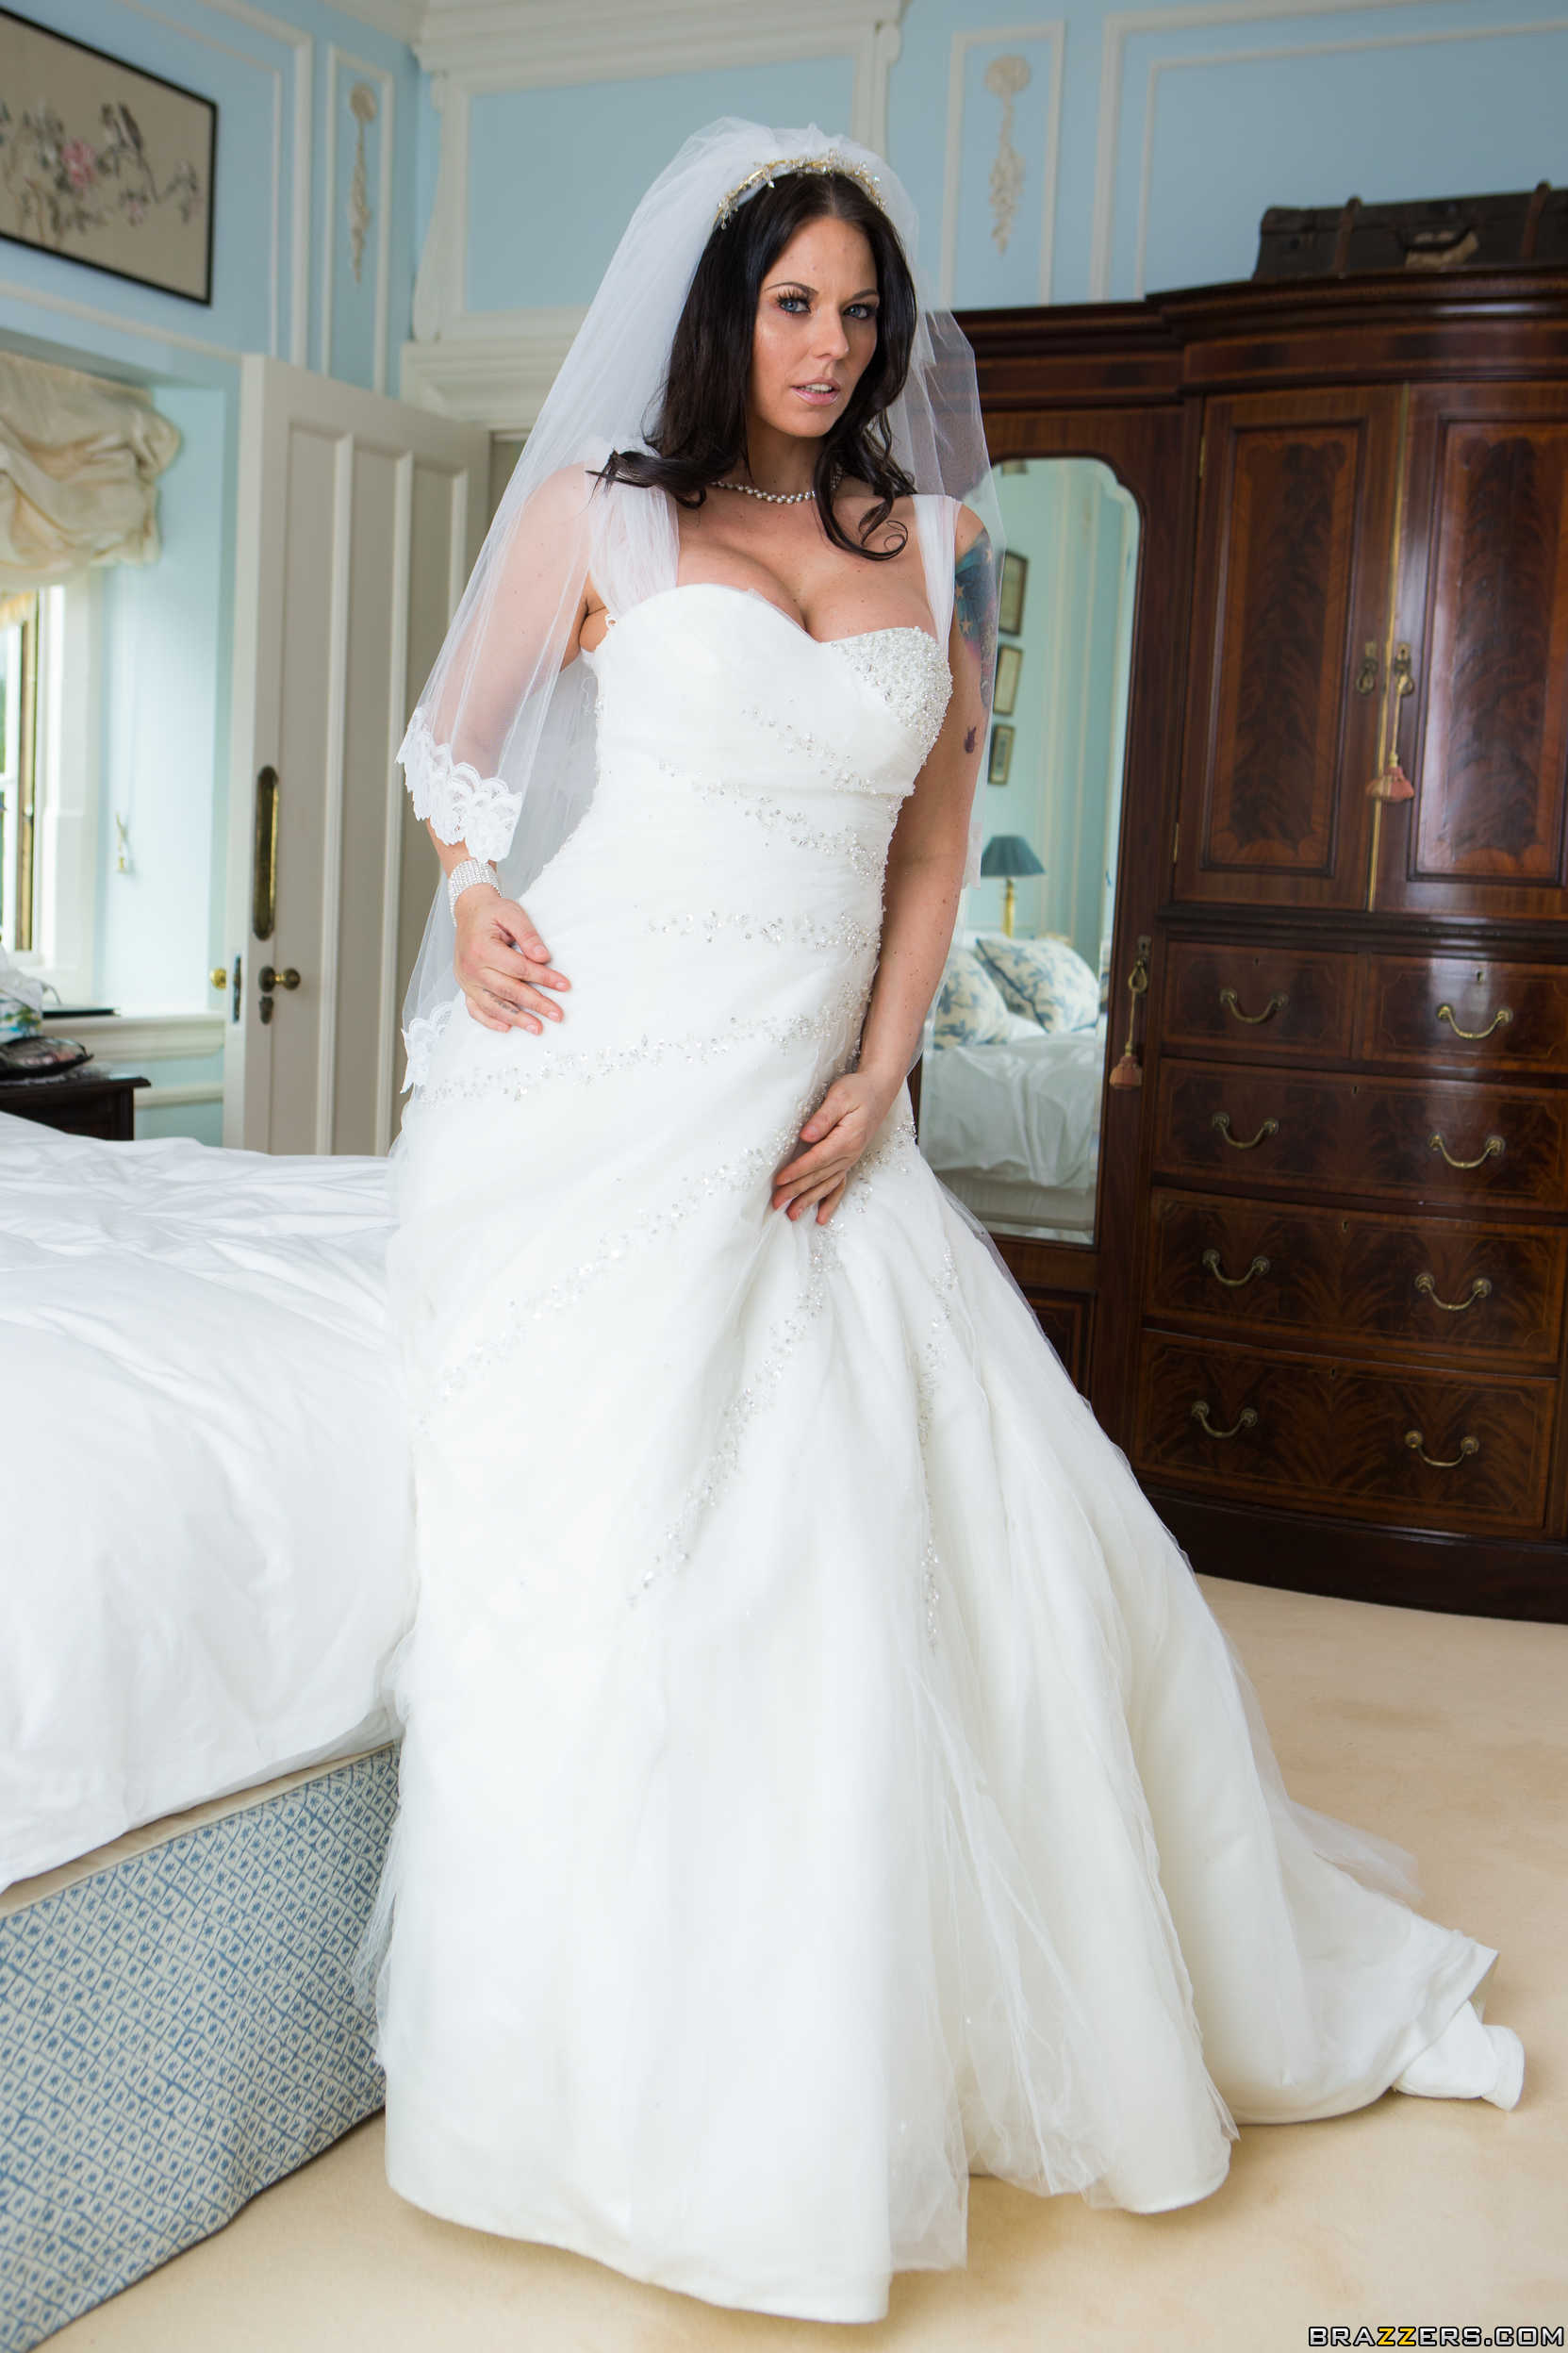 Simony Diamond - la novia muestra su conchita - Entangada